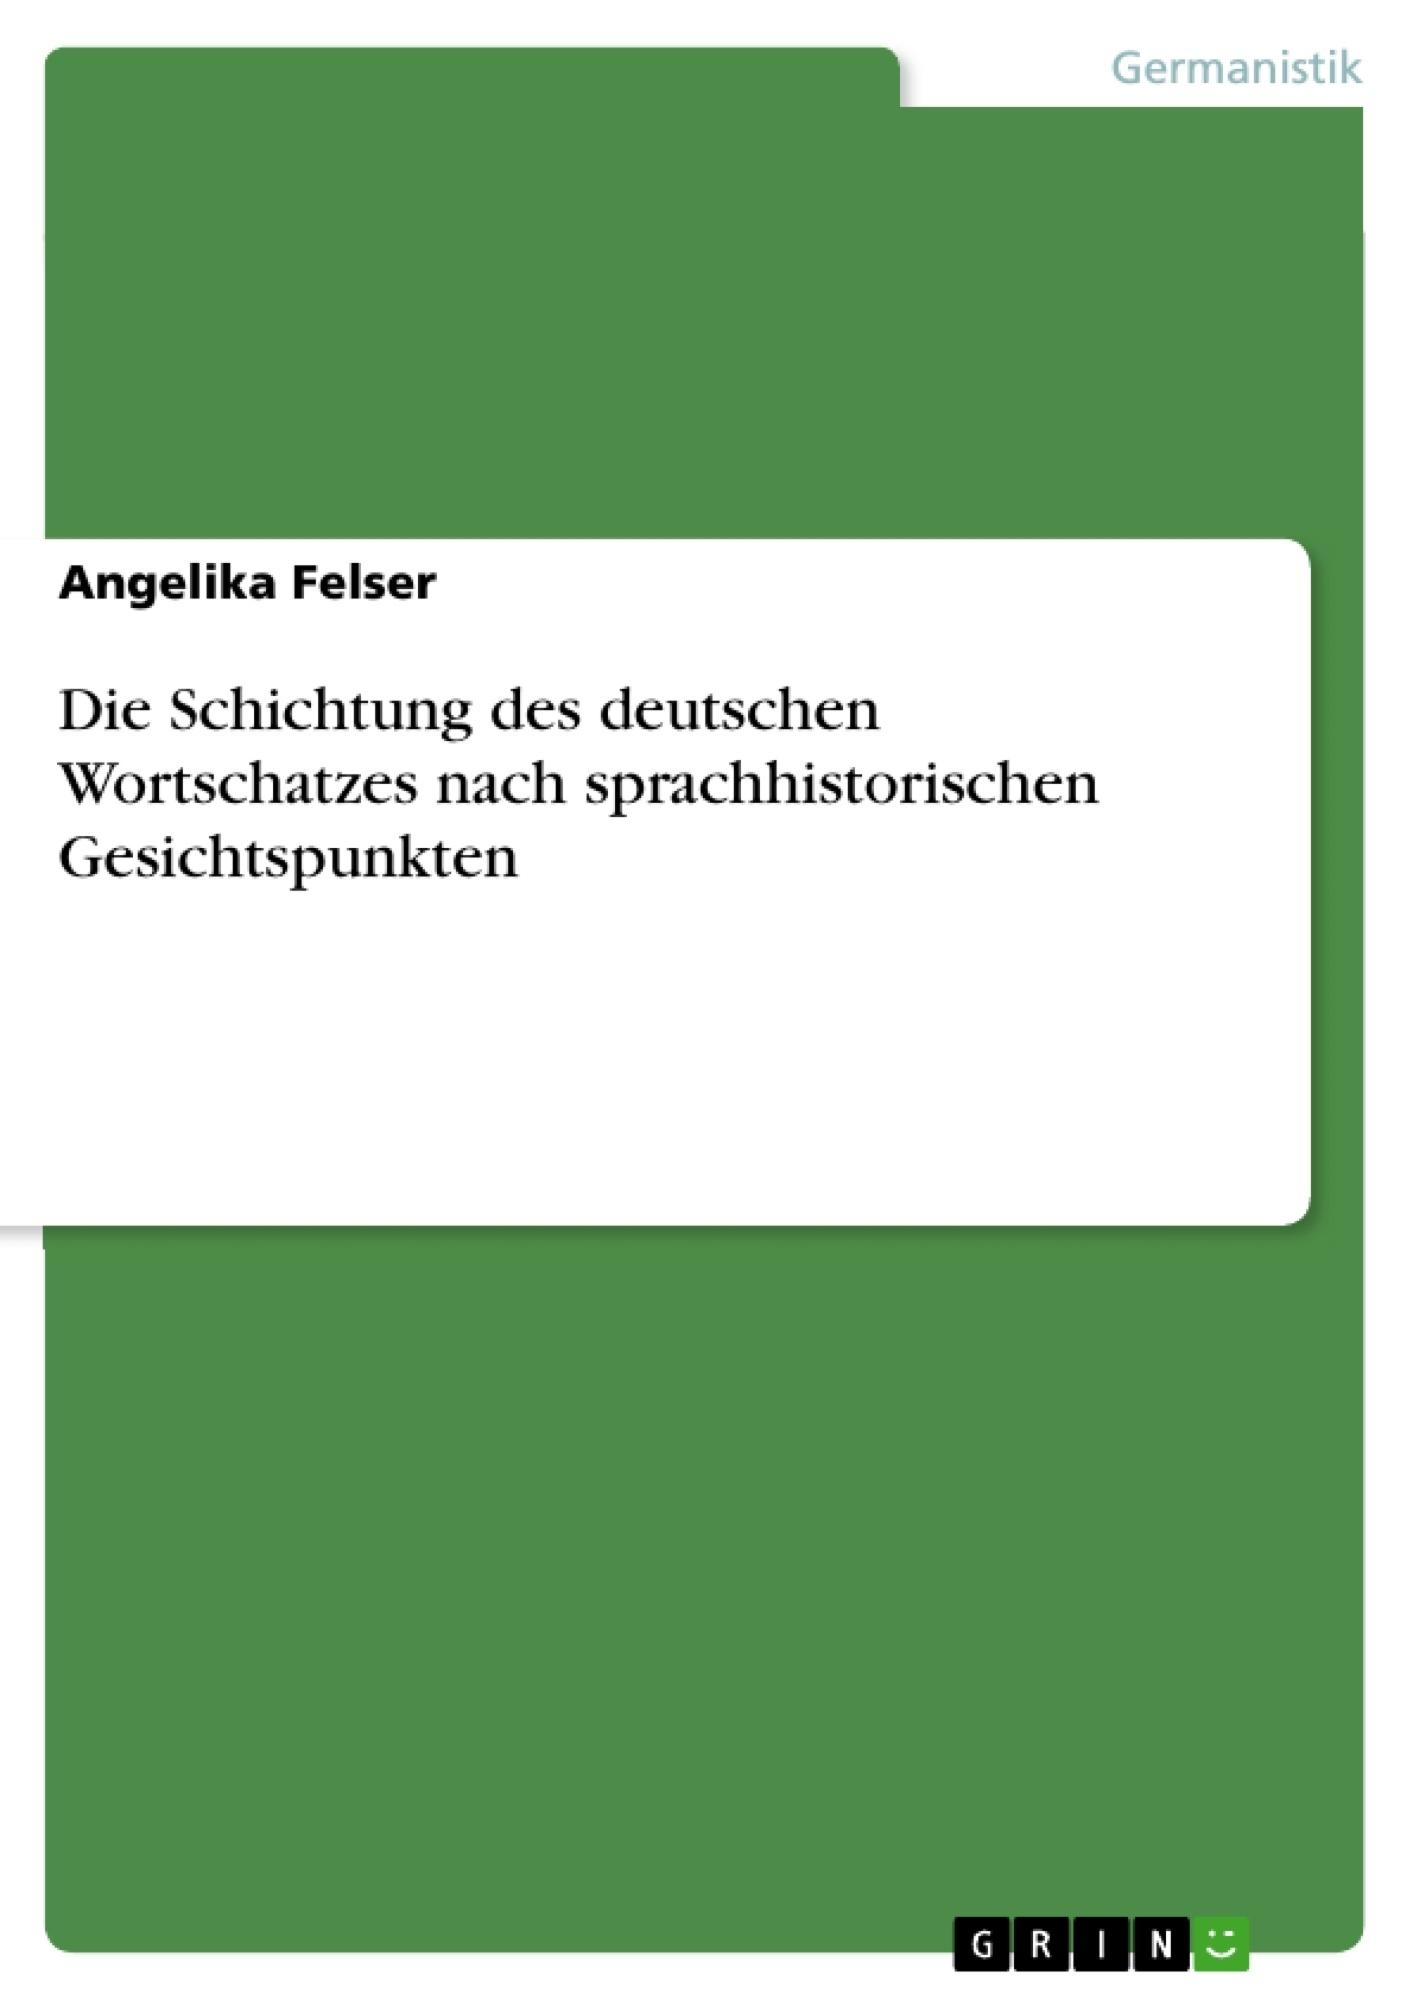 Titel: Die Schichtung des deutschen Wortschatzes nach sprachhistorischen Gesichtspunkten